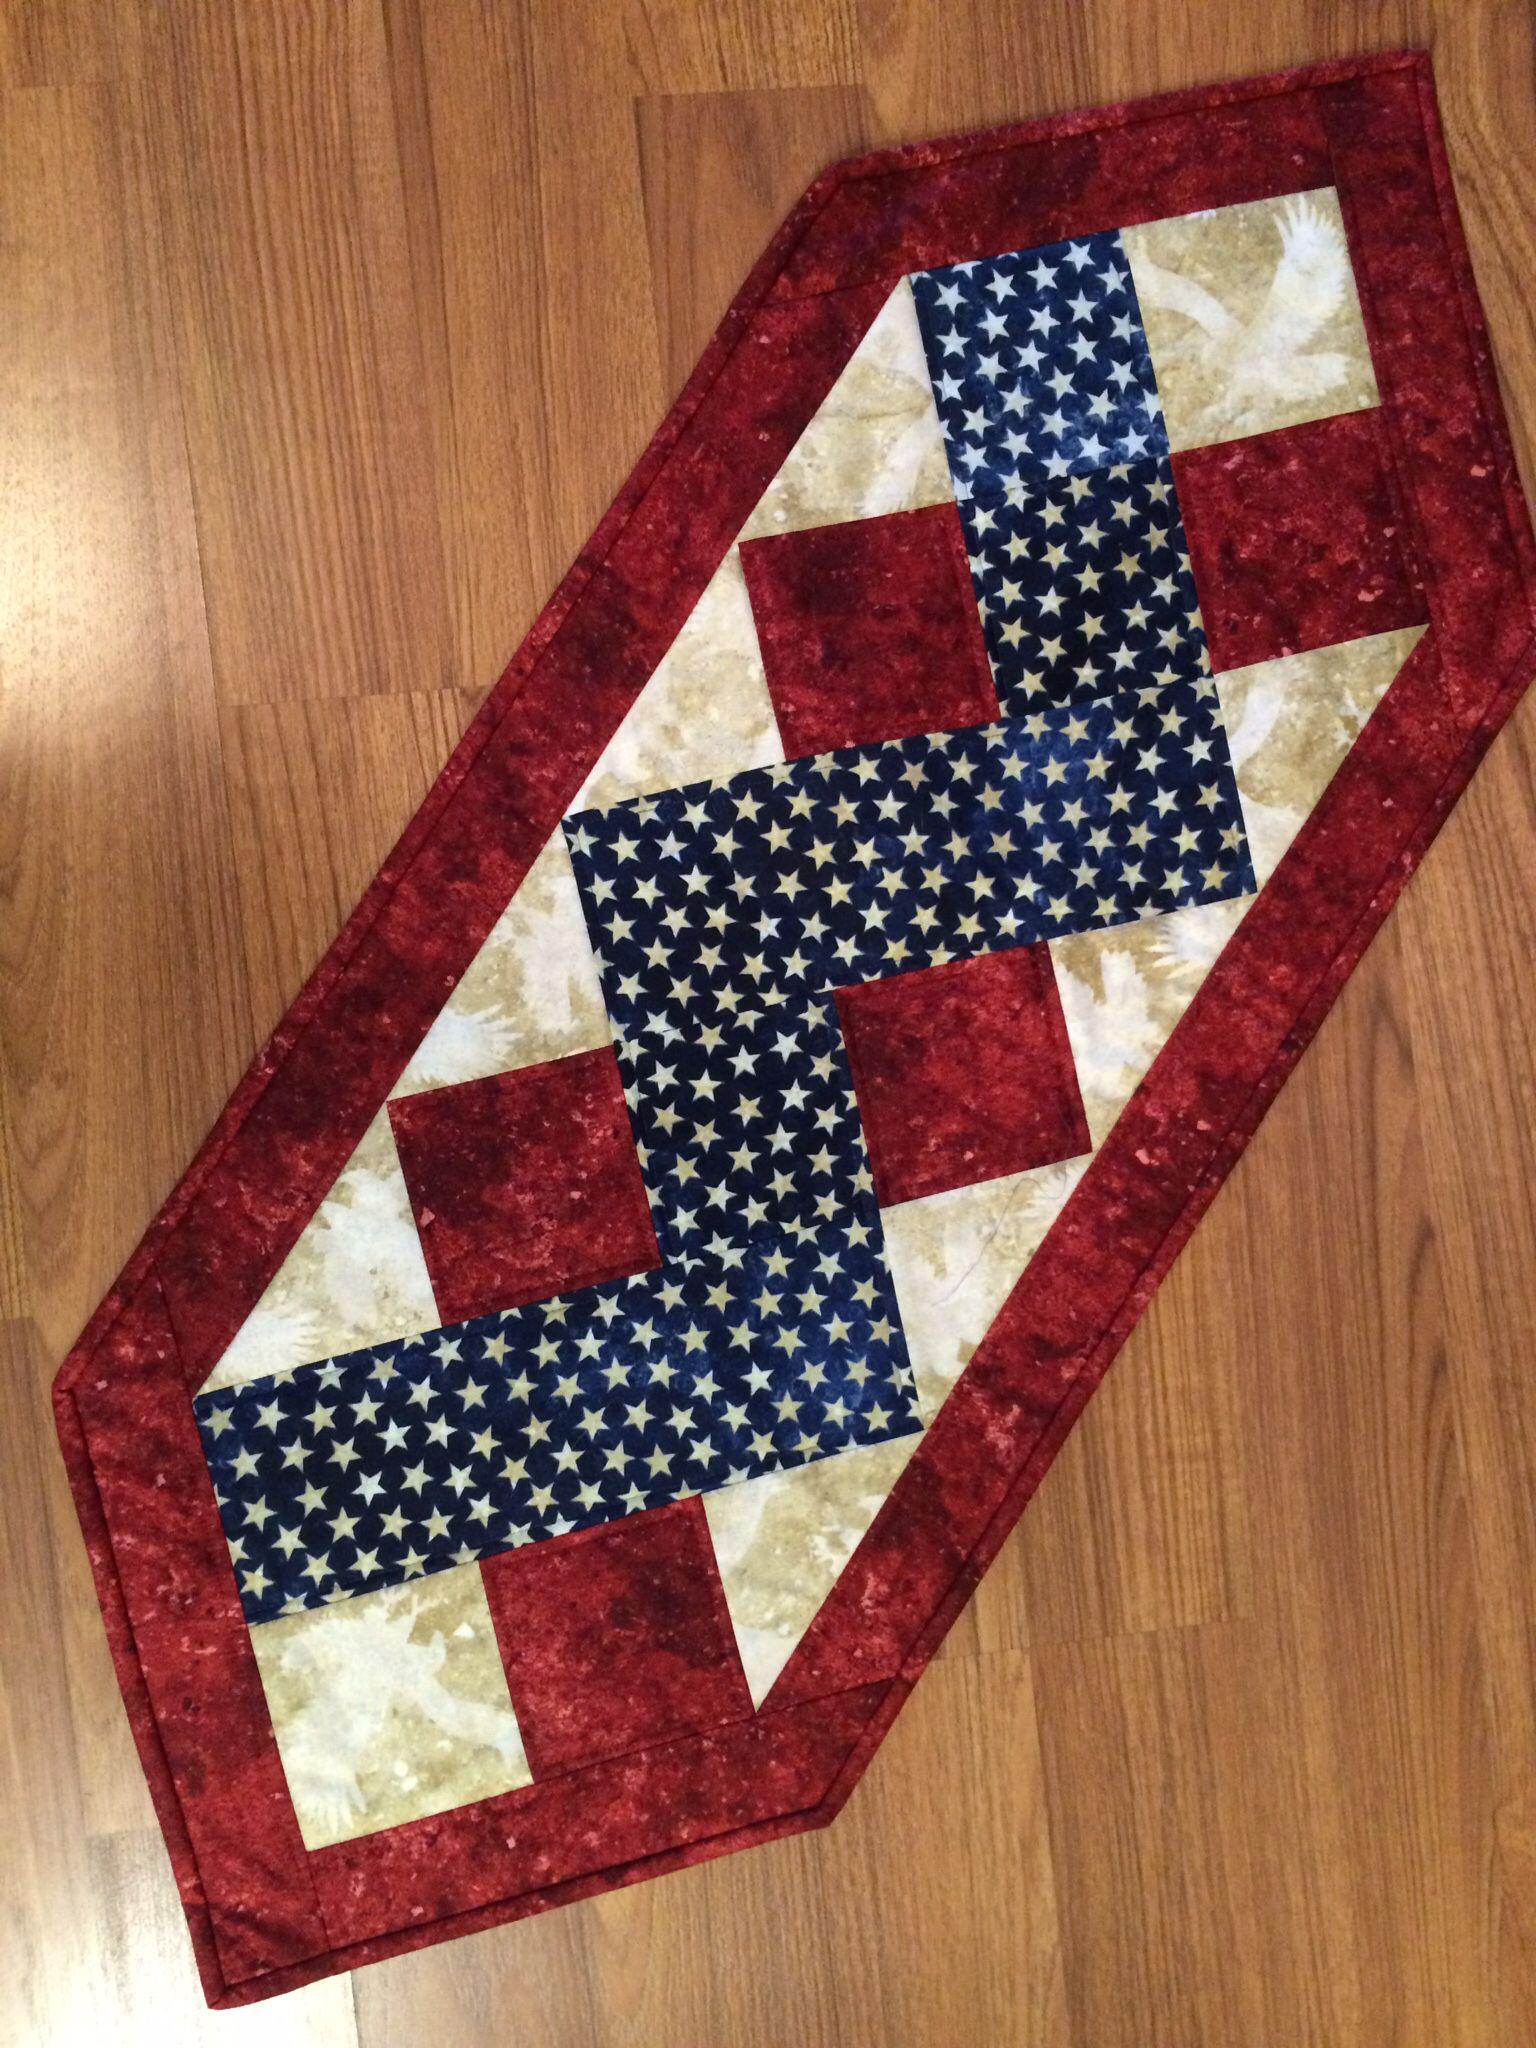 Patriotic table runner stonehenge 2015 donna for Table runner quilt design